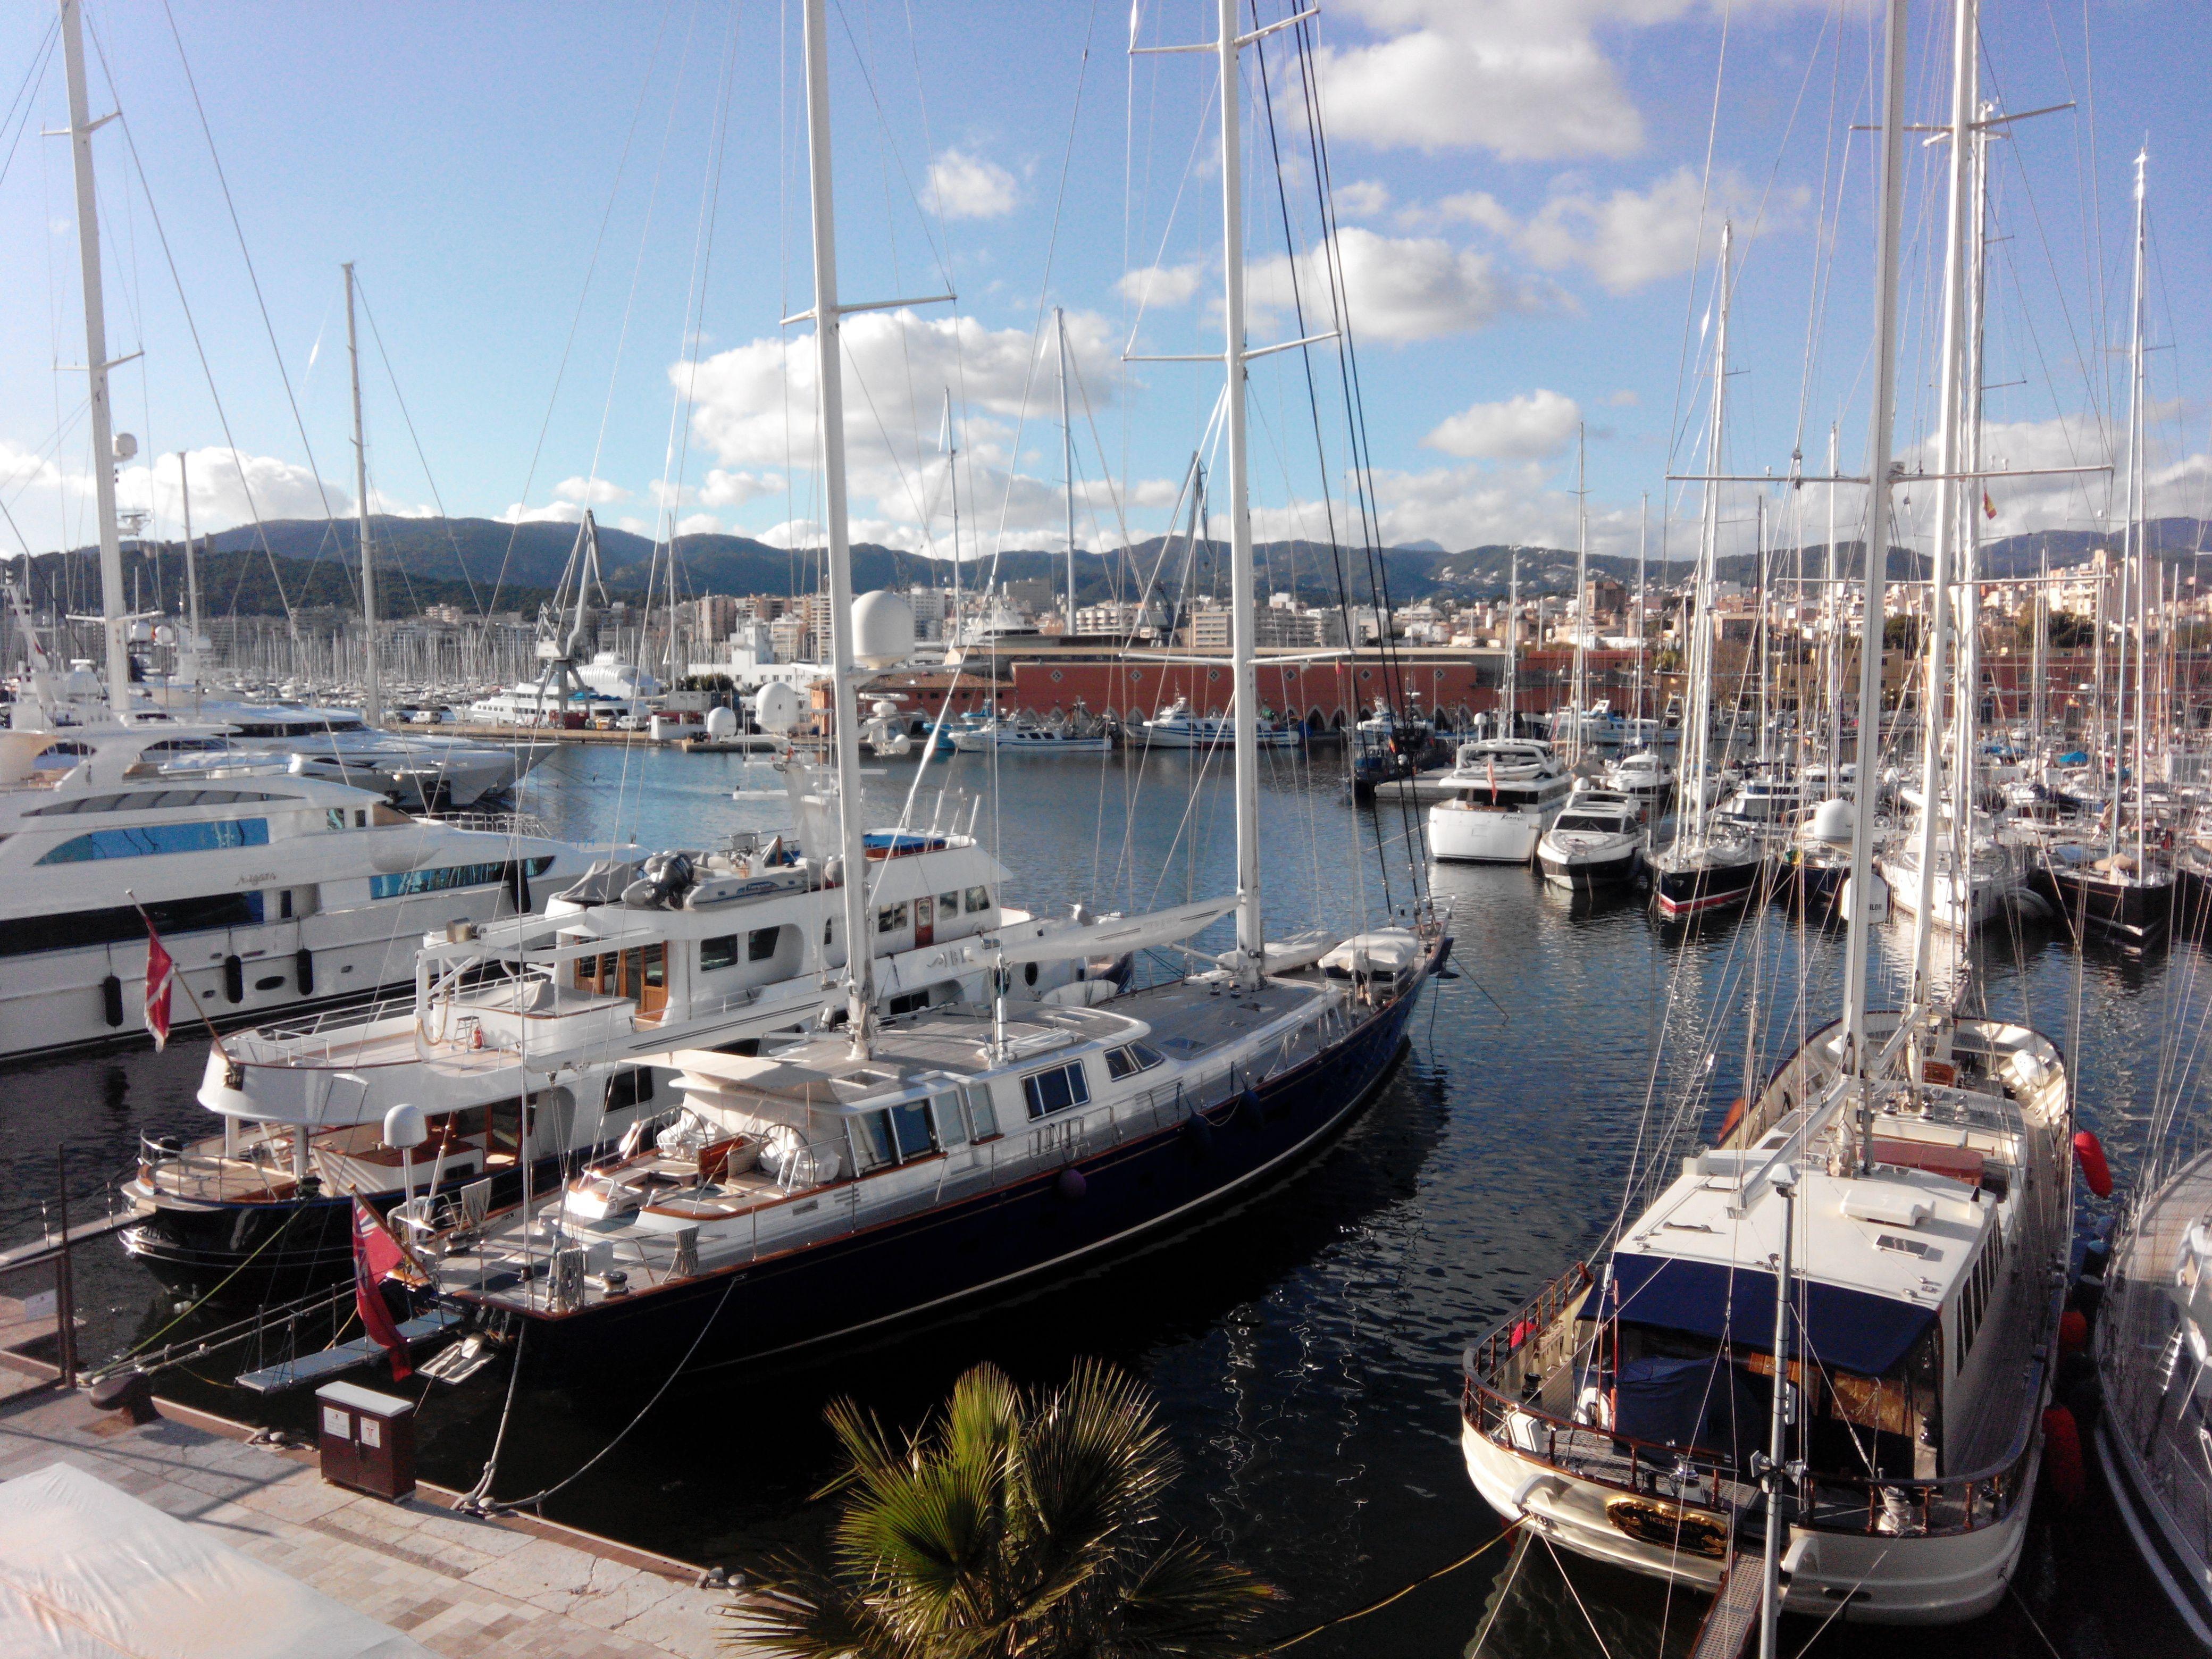 El Puerto de Palma de Mallorca (o Puerto de Baleares) es un puerto pesquero, comercial, de pasajeros y deportivo de la ciudad de Palma de Mallorca, España.